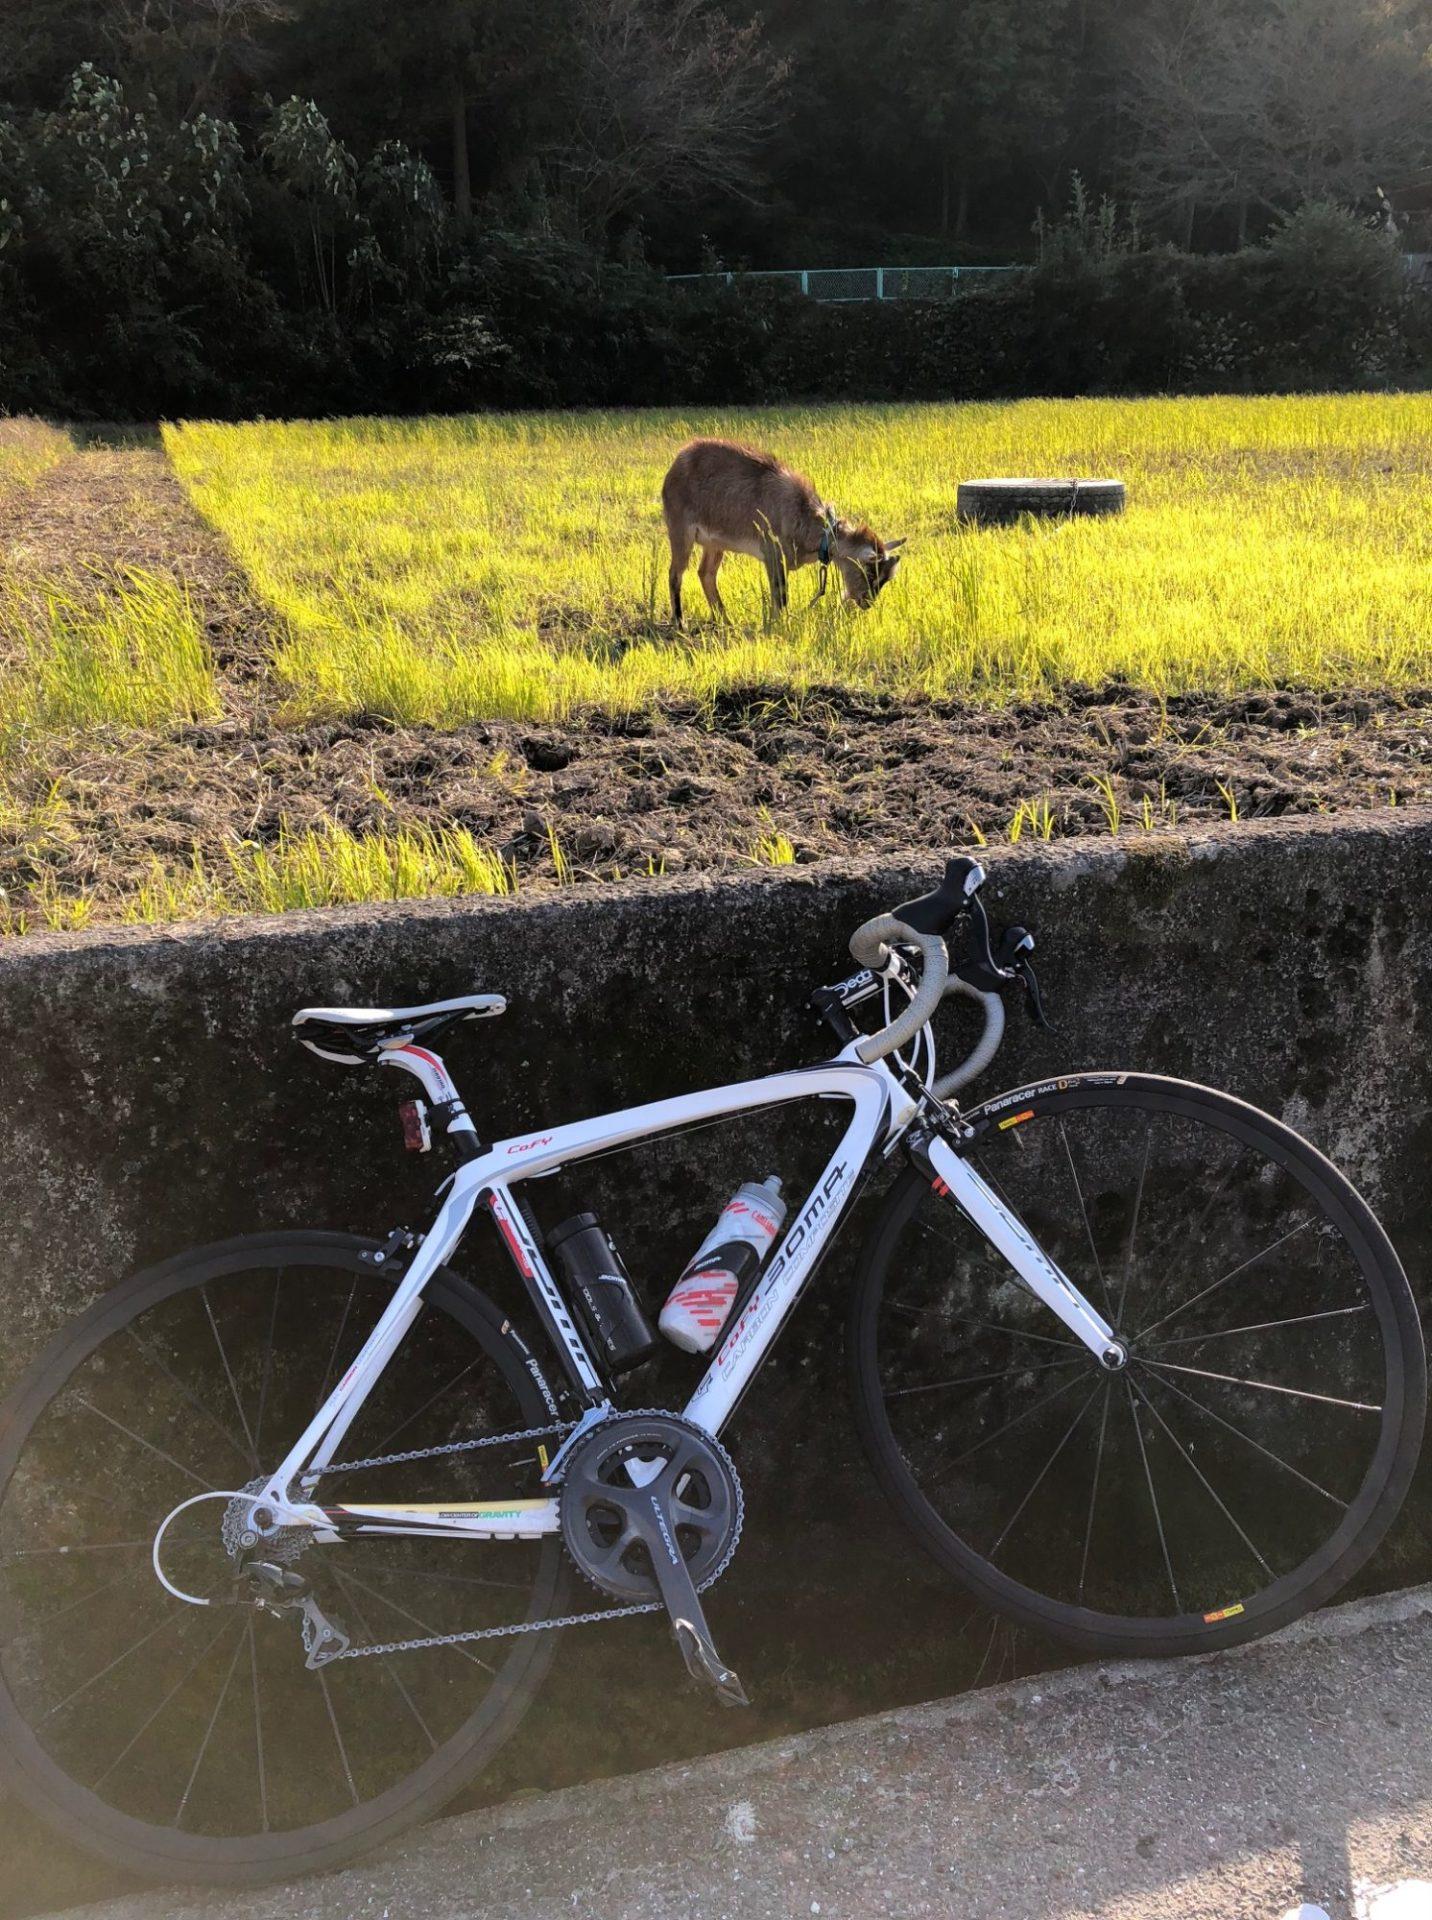 ヤギと戯れるサイクリング